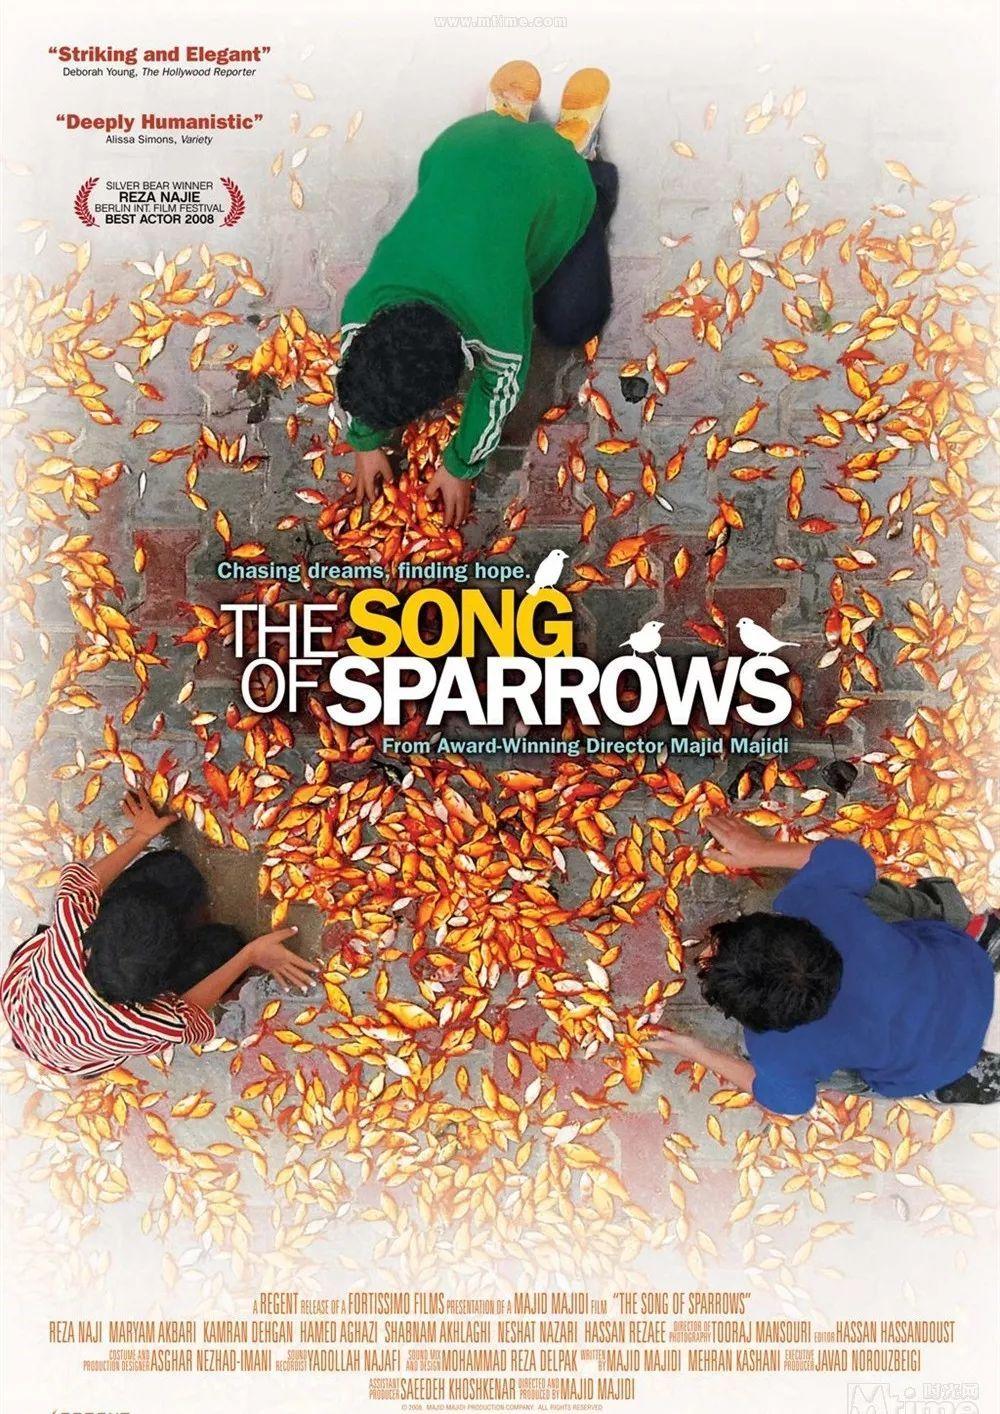 麻雀与小孩(Sparrows And Kids ) - 林海 - 单曲 - 网易云音乐